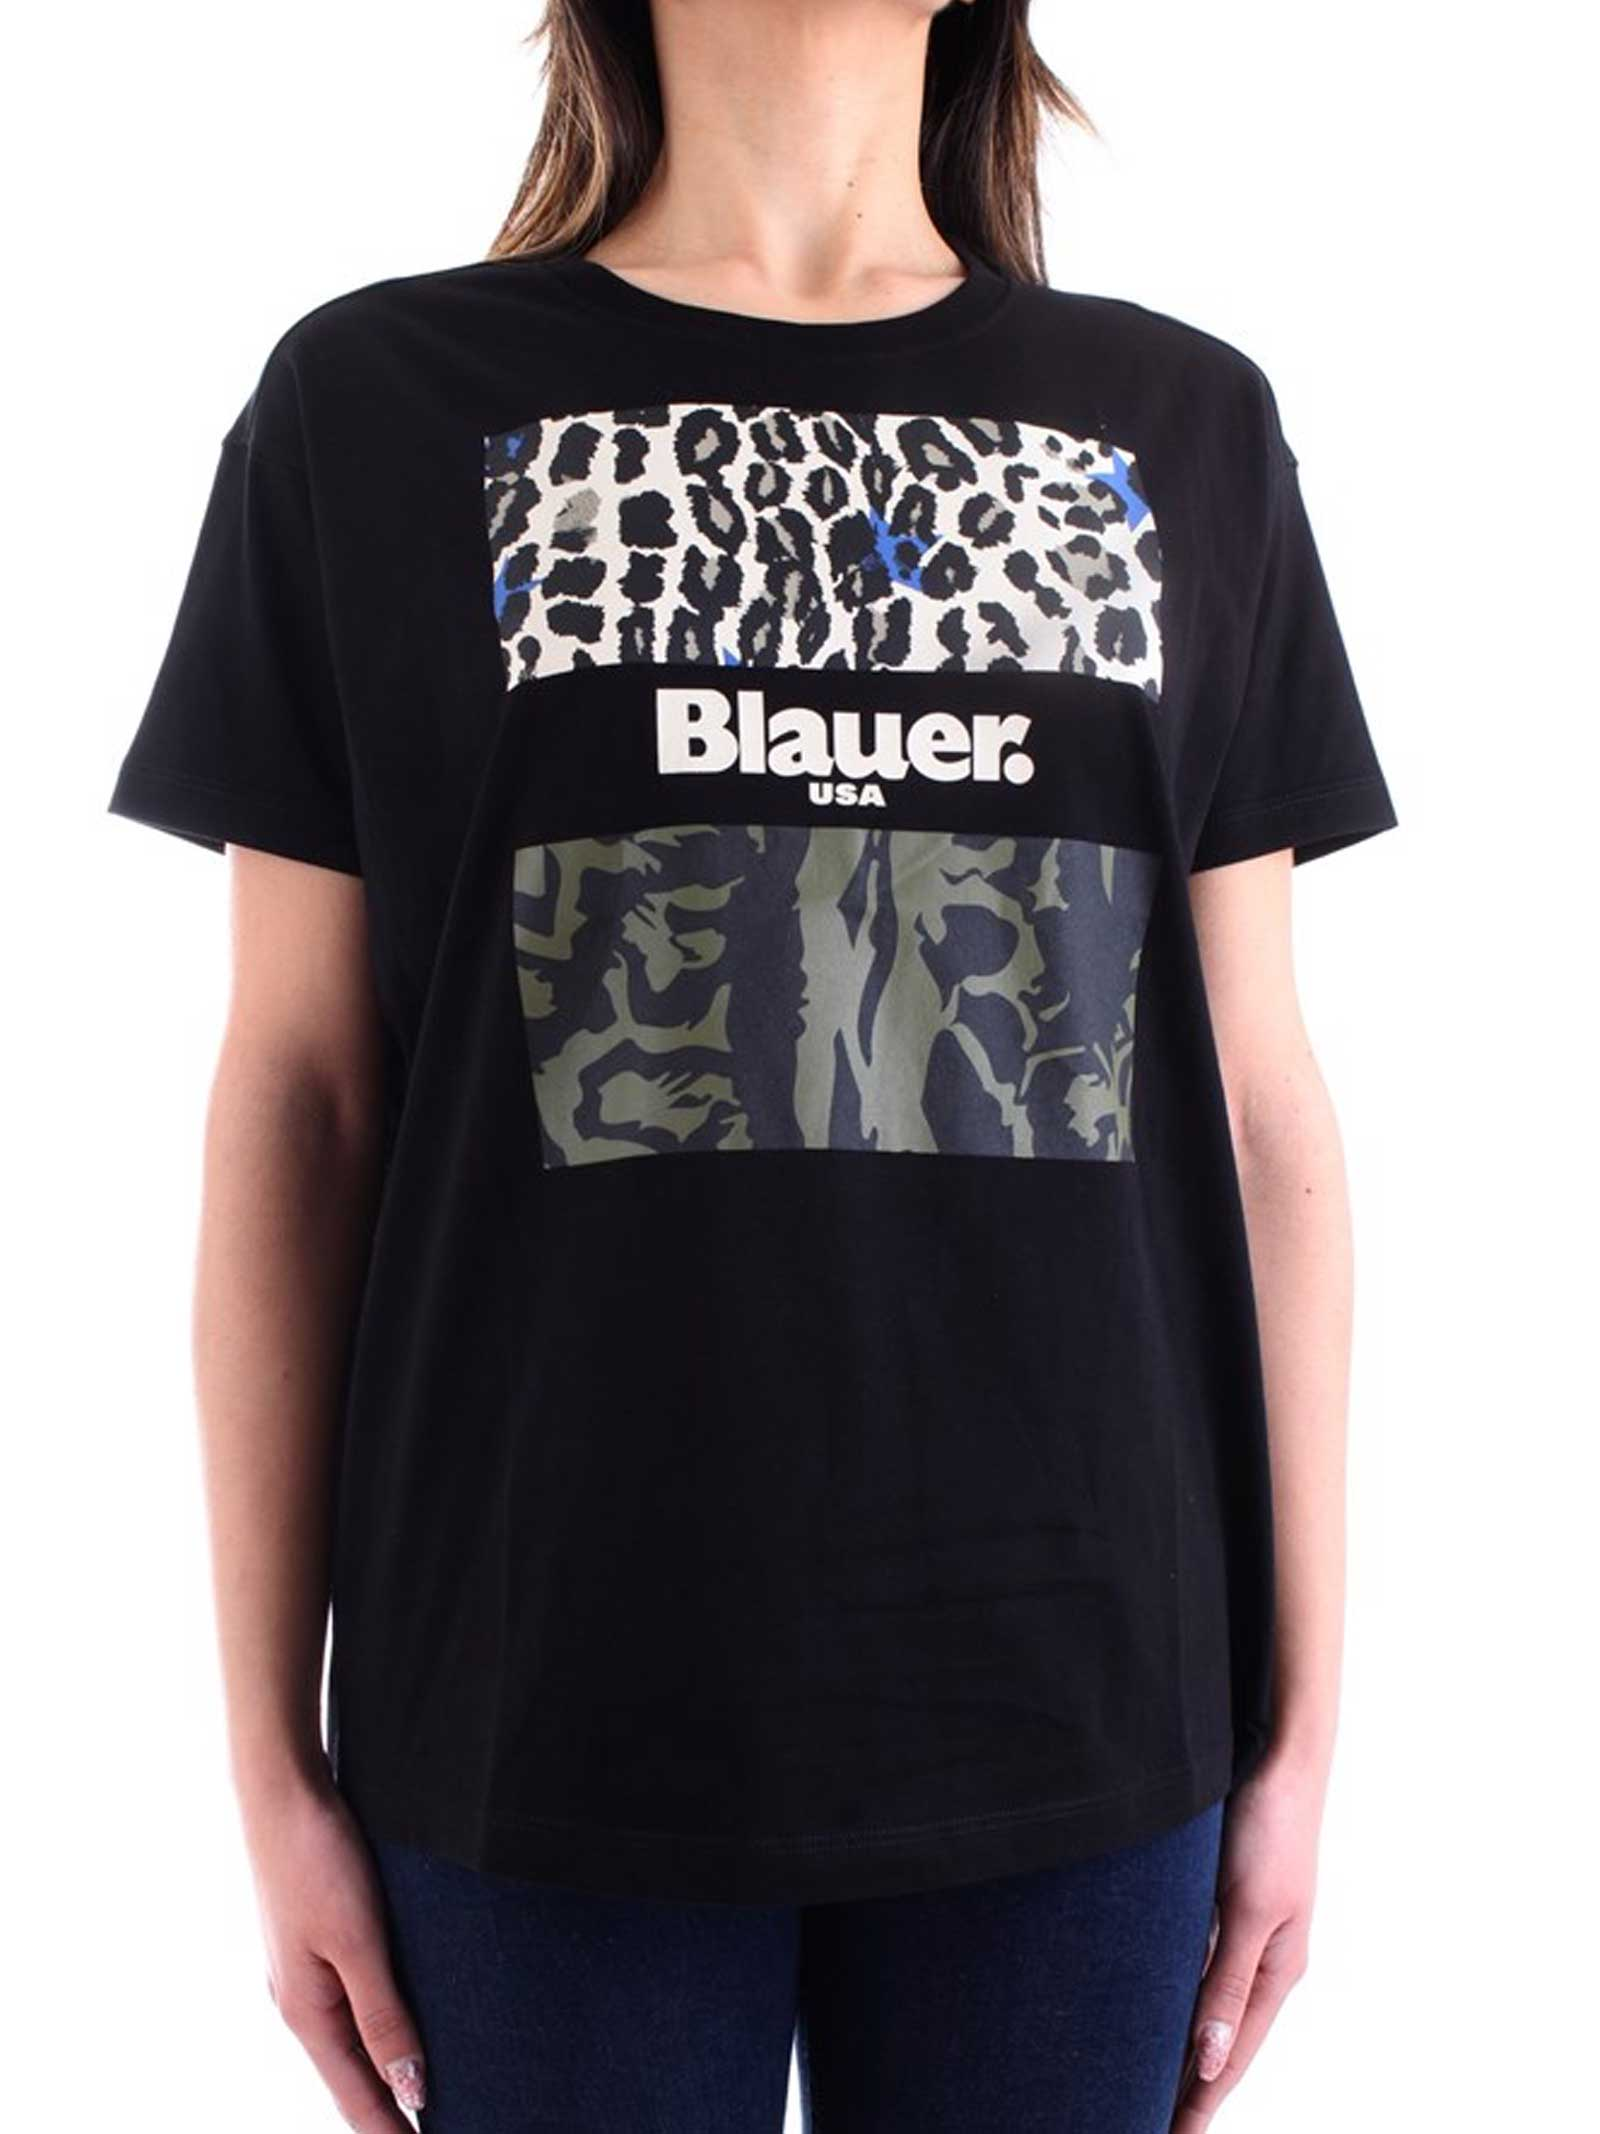 T-SHIRT BLAUER BLAUER   T-shirt   21SBLDH02137-004547999